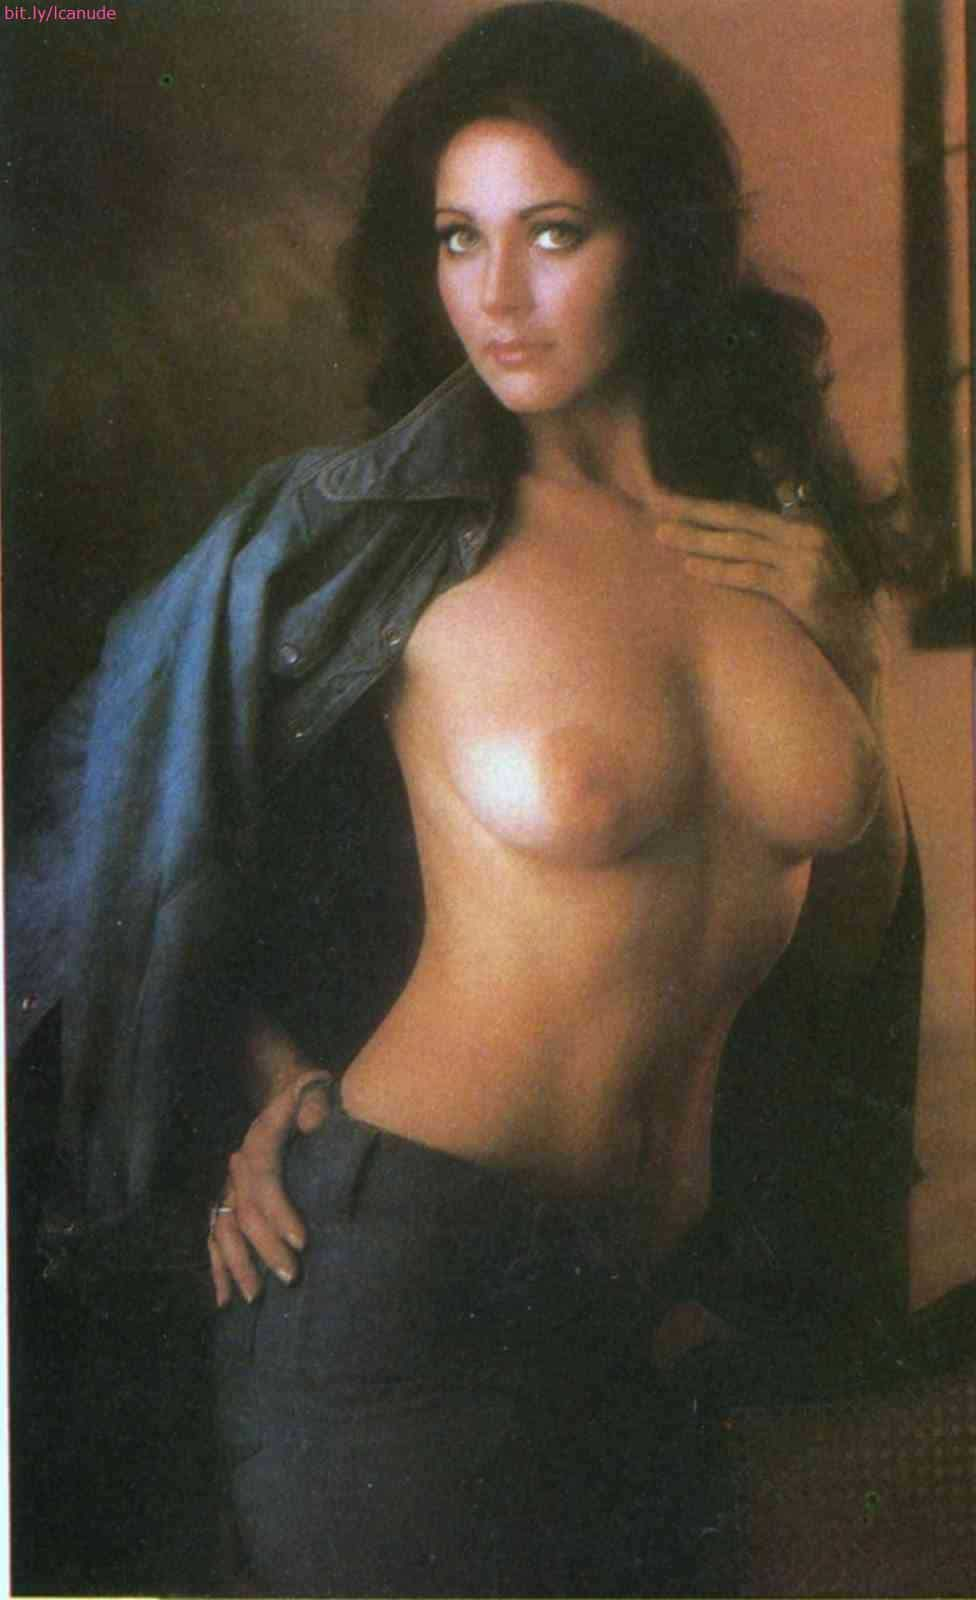 Lynda carter nude photos